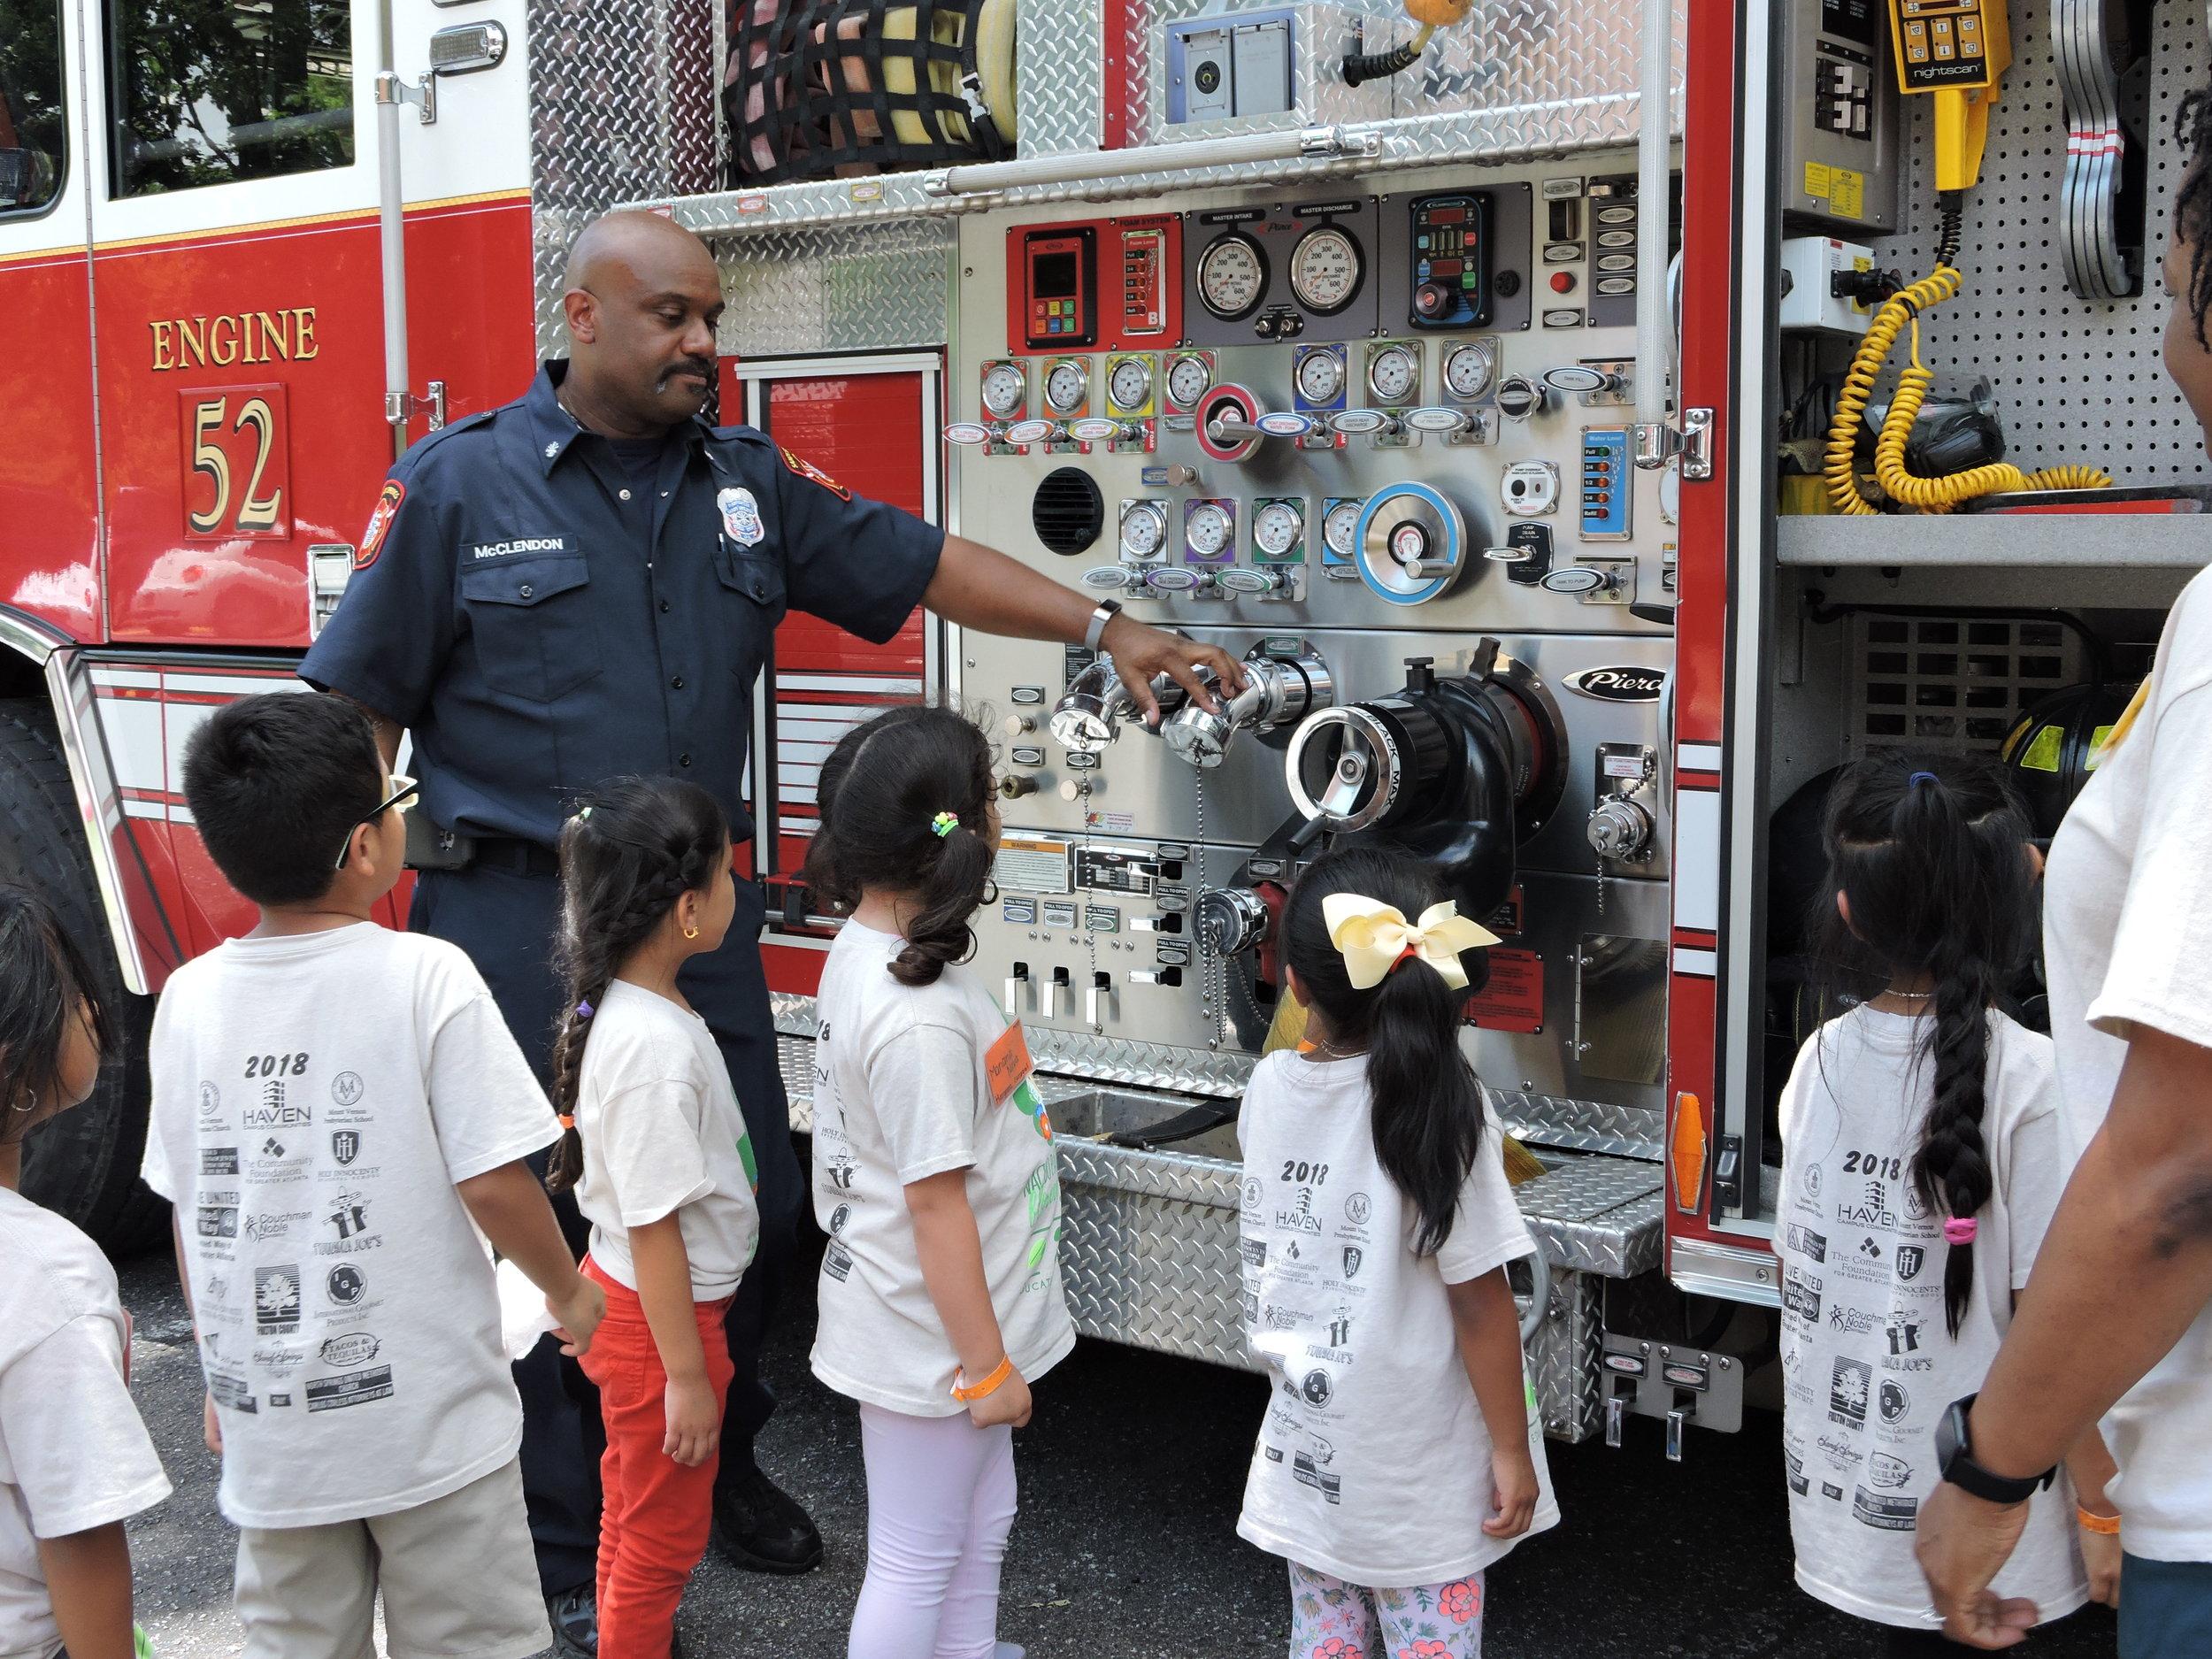 ¡Gracias al  Departamento de Bomberos de Sandy Springs  por hablarnos sobre seguridad contra incendios y enseñarnos cómo funciona su equipo!